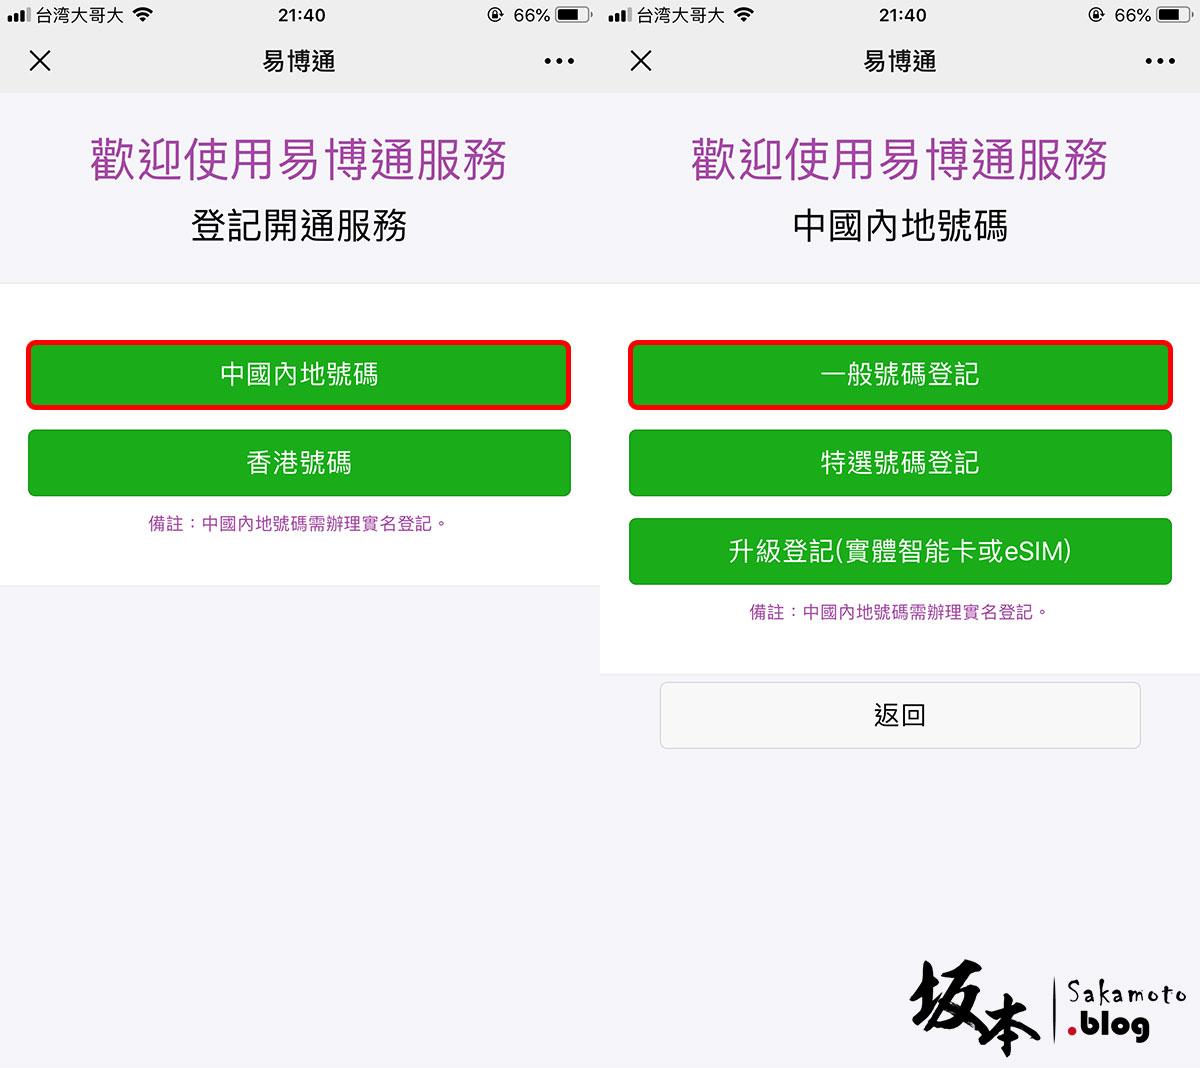 易博通 eSender 申請中國門號免SIM卡 6